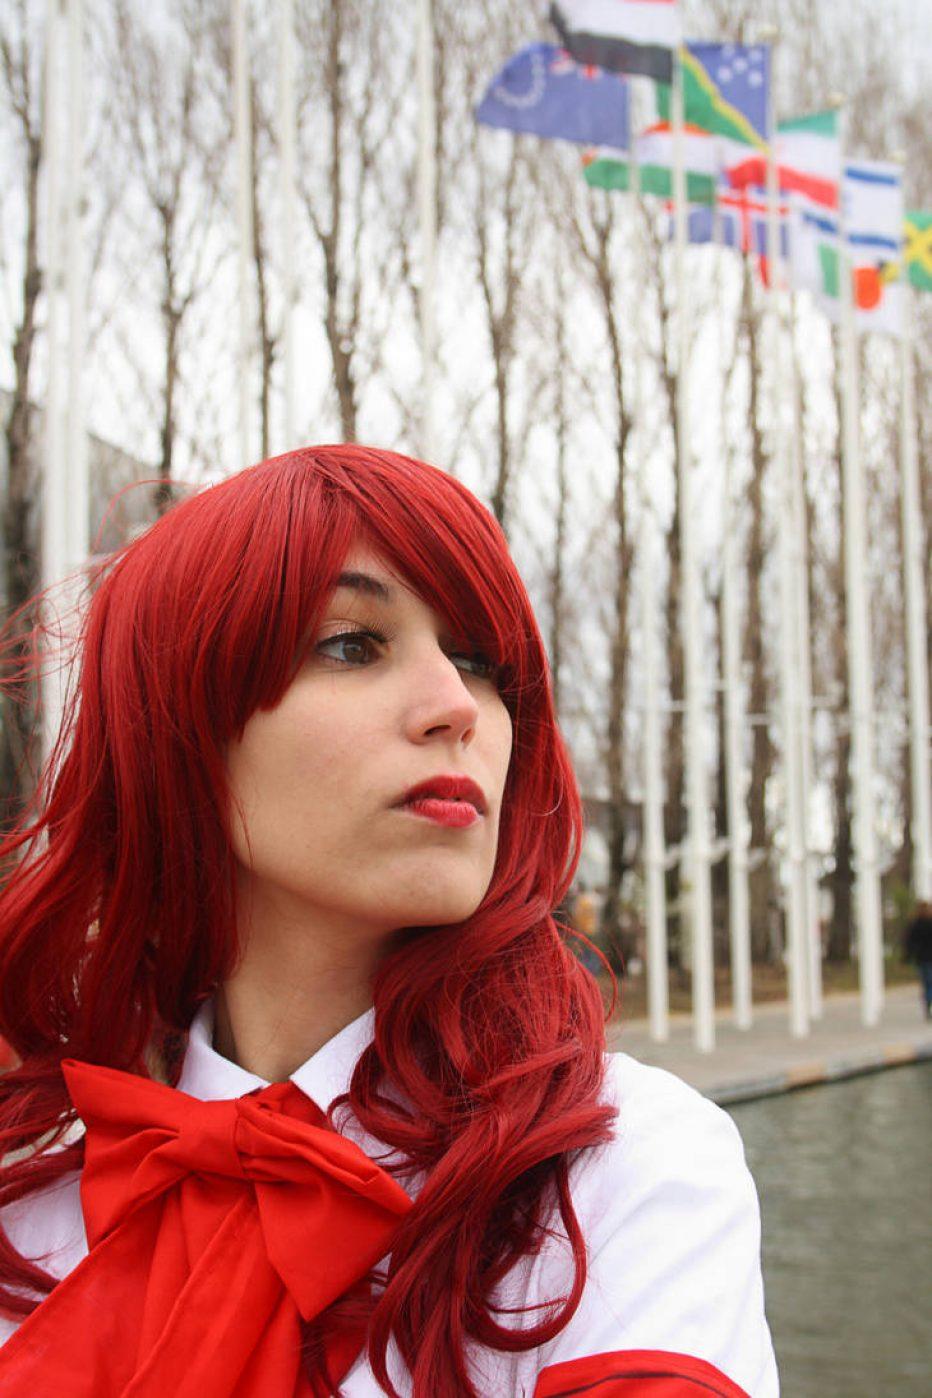 Persona-3-Mitsuru-Kirijo-Cosplay-Gamers-Heroes-5.jpg